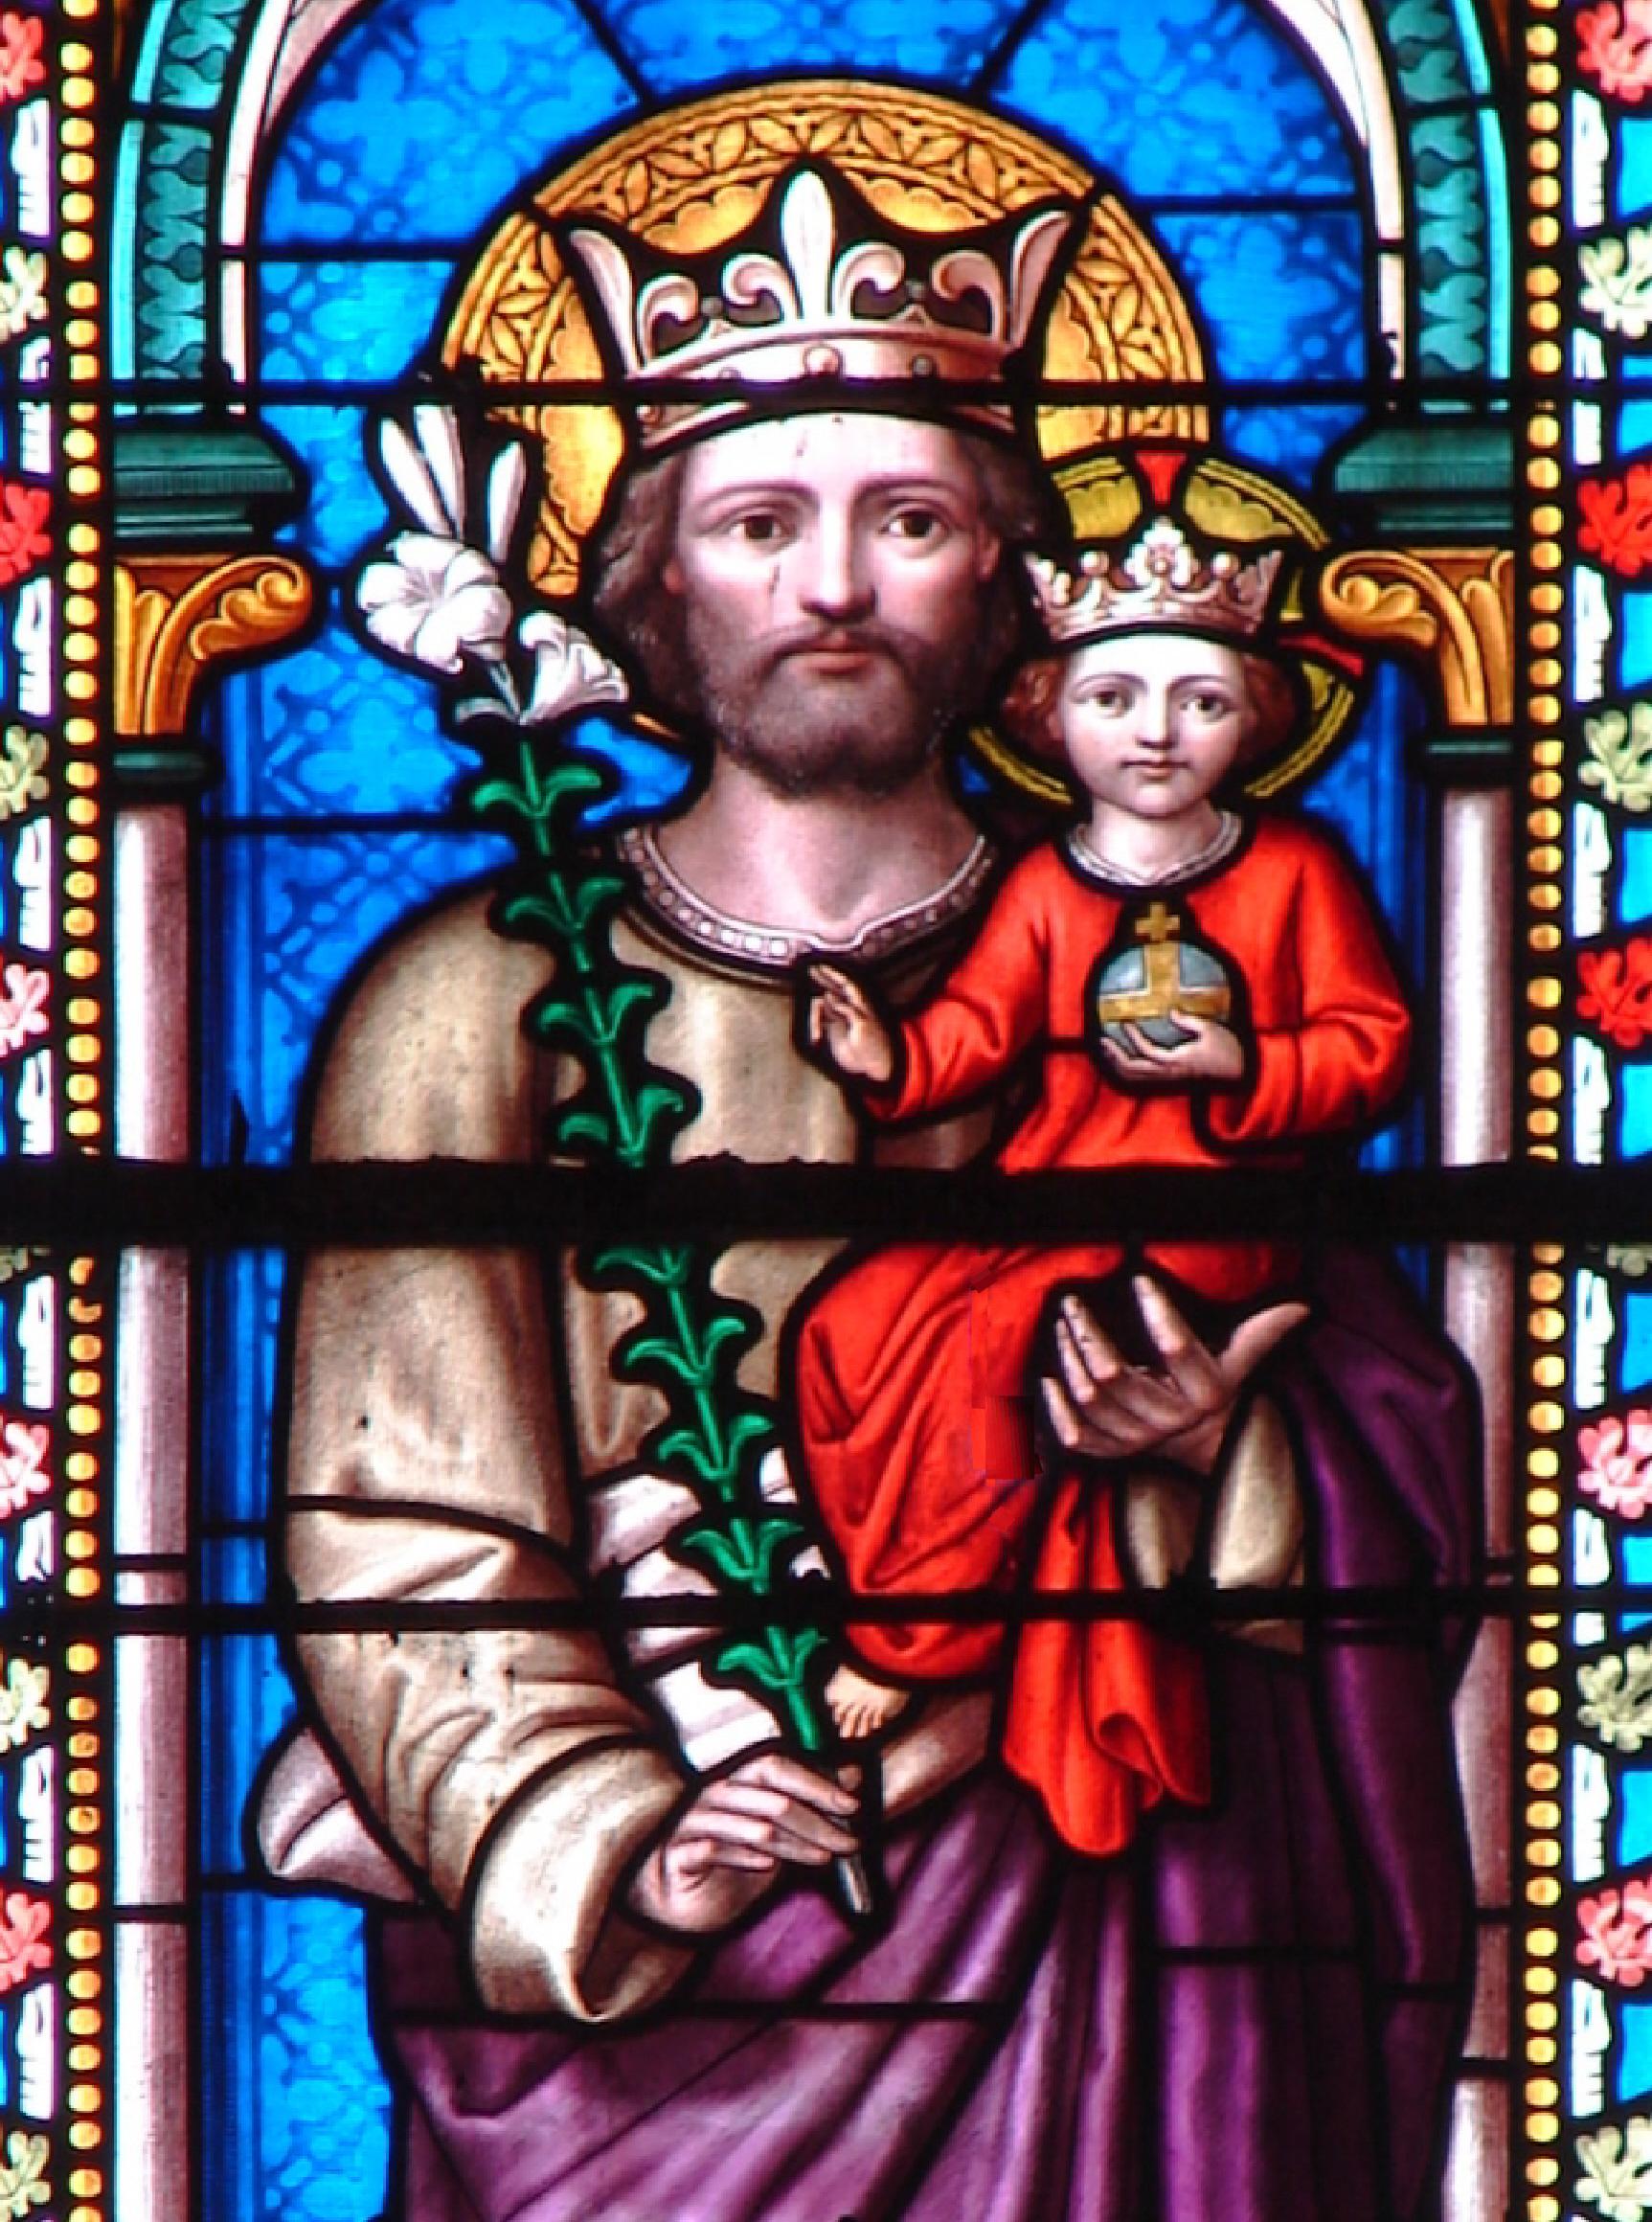 CALENDRIER CATHOLIQUE 2020 (Cantiques, Prières & Images) - Page 8 St-joseph-couronn--55ef7f6